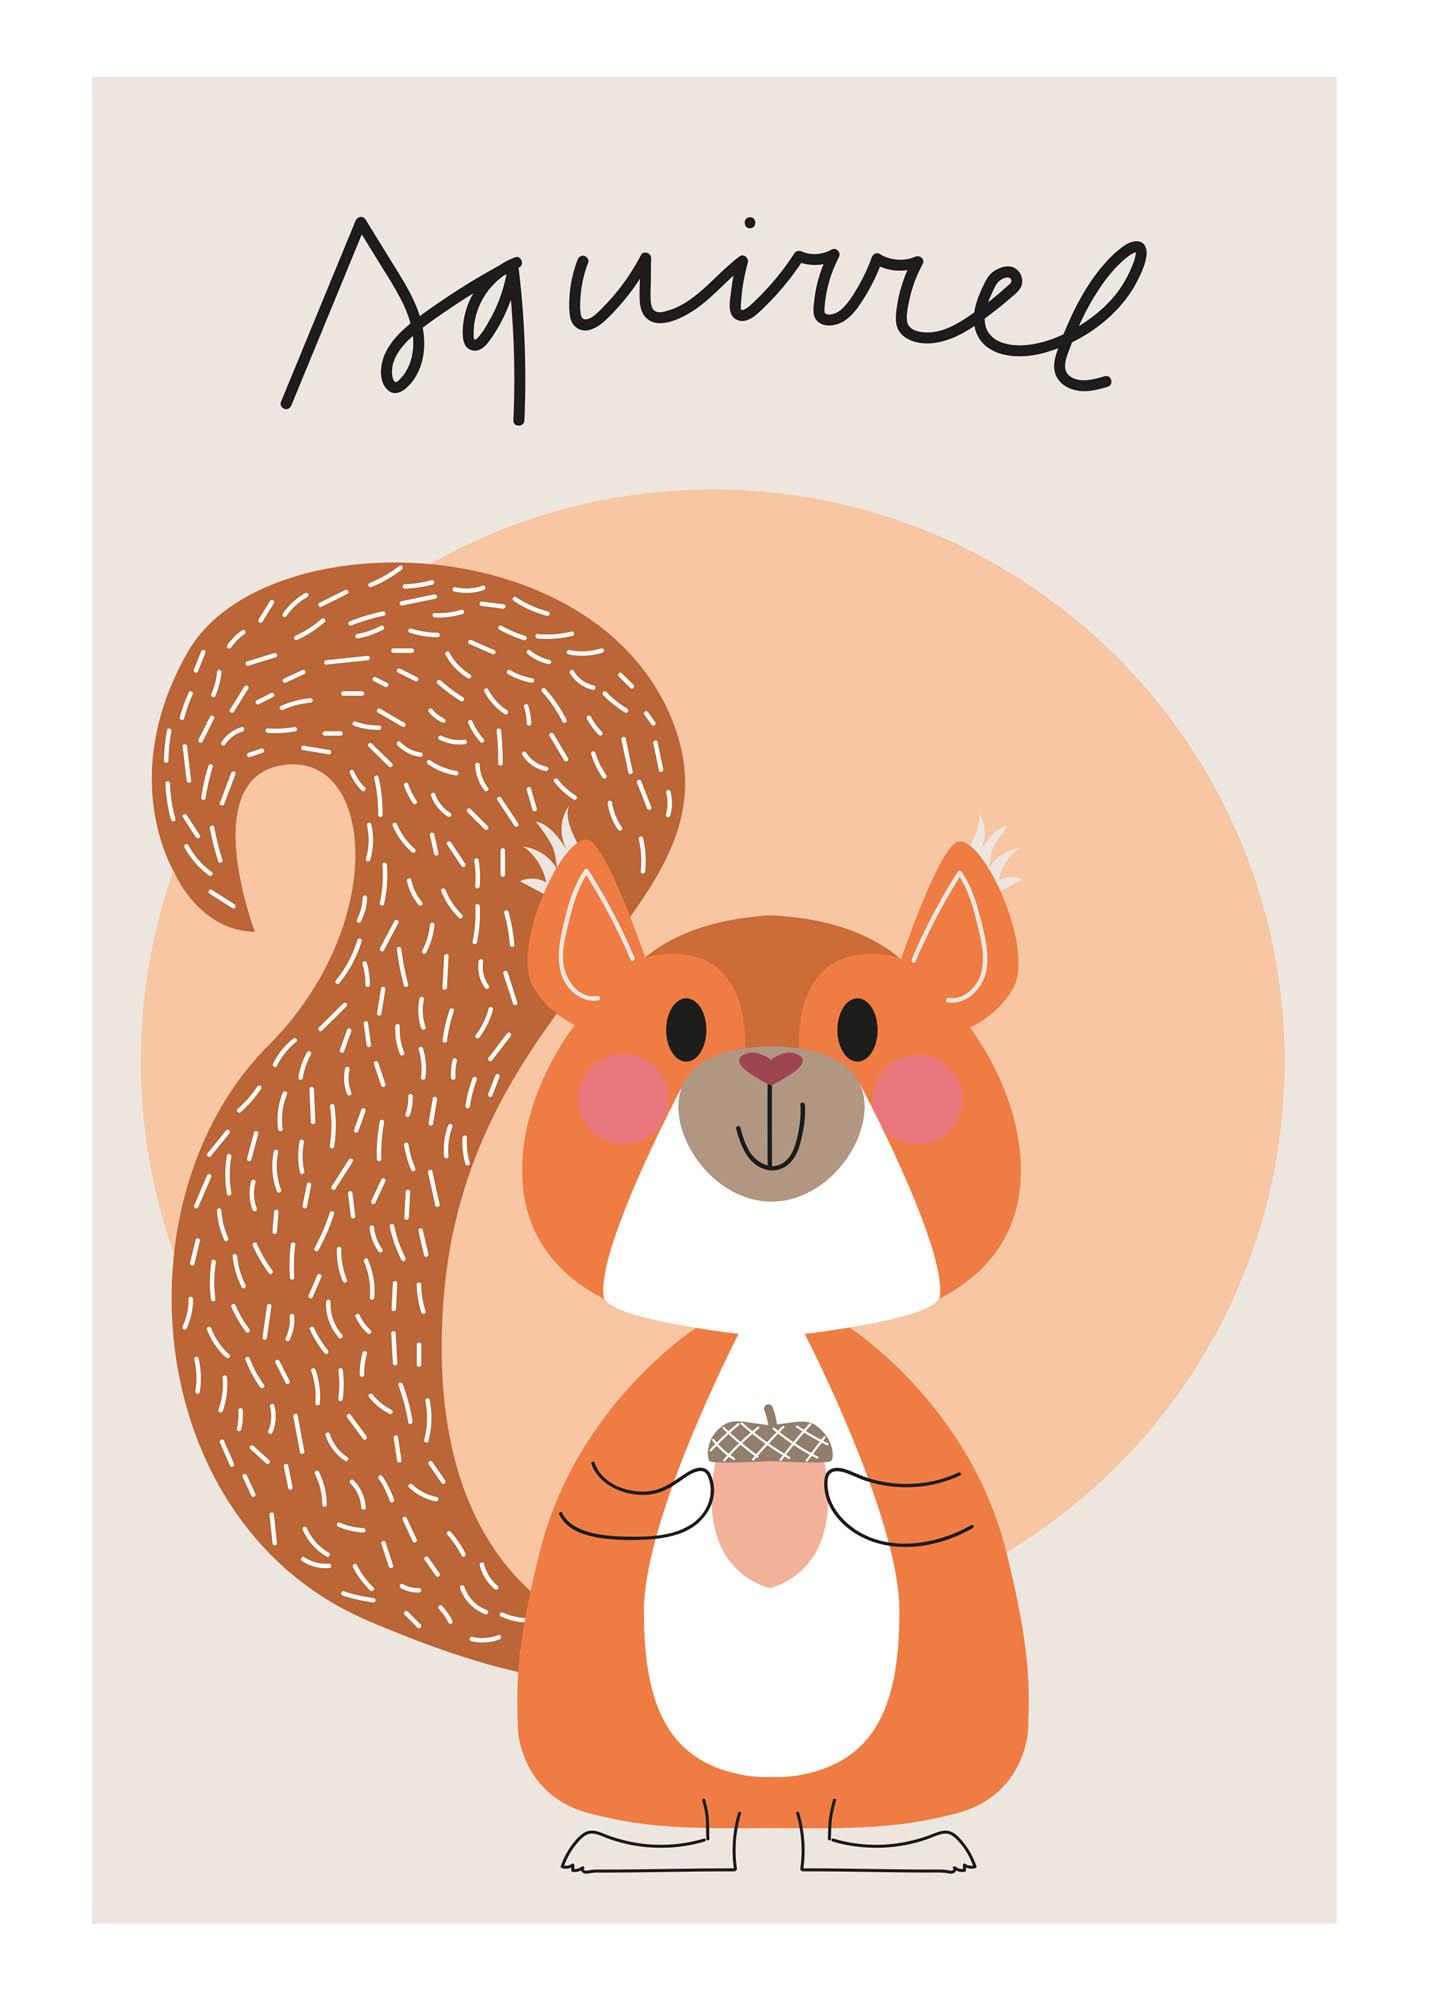 Eekhoorn - Jetske Kox Illustraties - Vrolijke posters, prints en ansichtkaarten